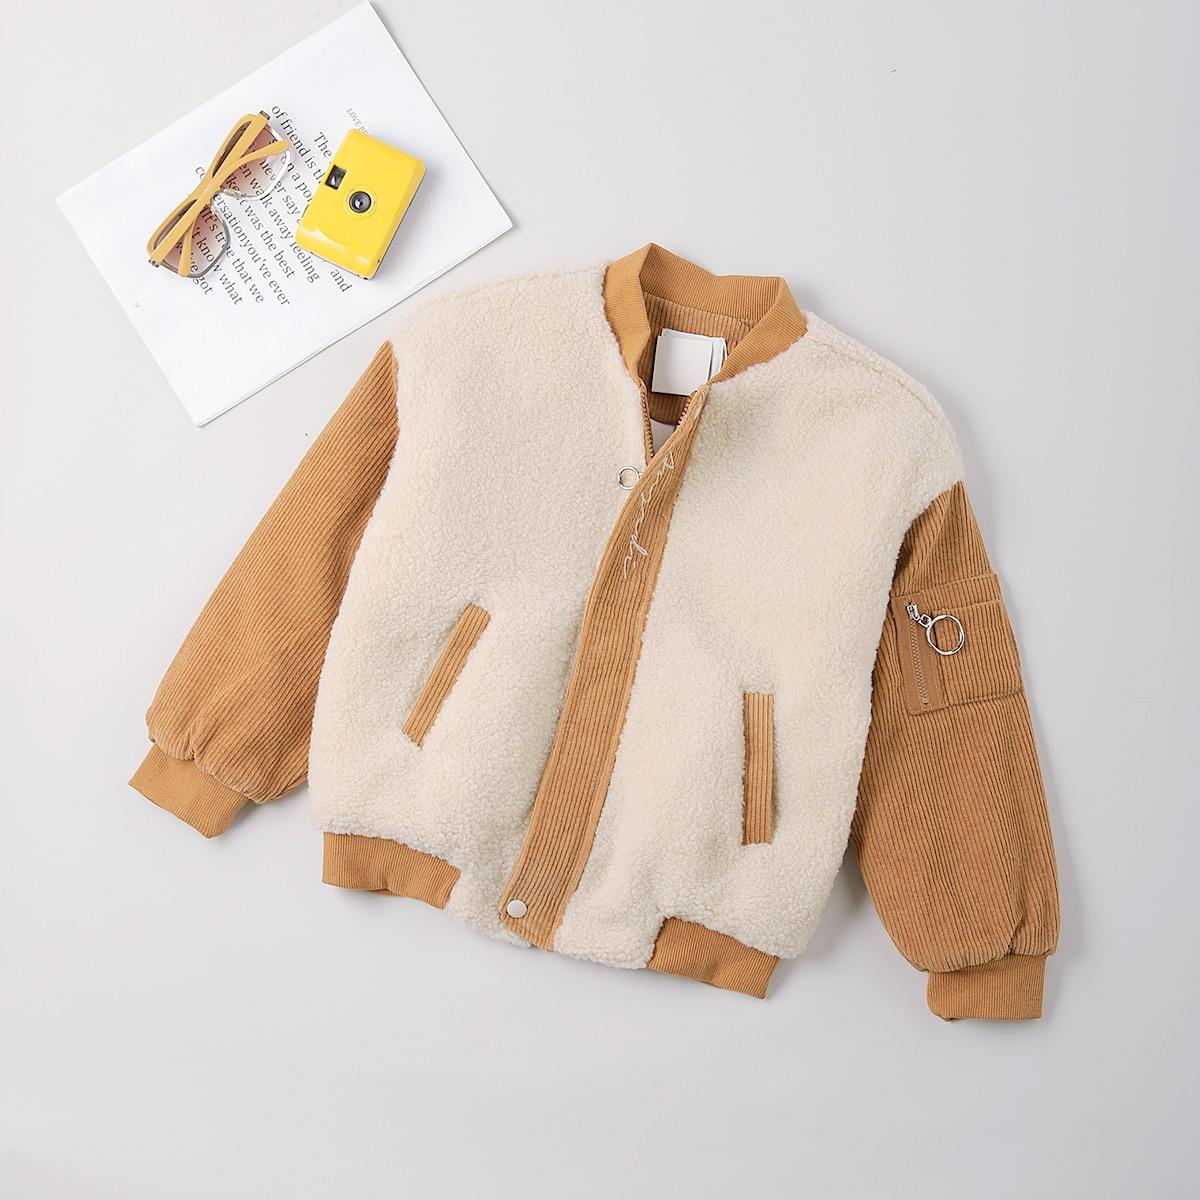 Плюшевая куртка бомбер с текстовой вышивкой для мальчиков